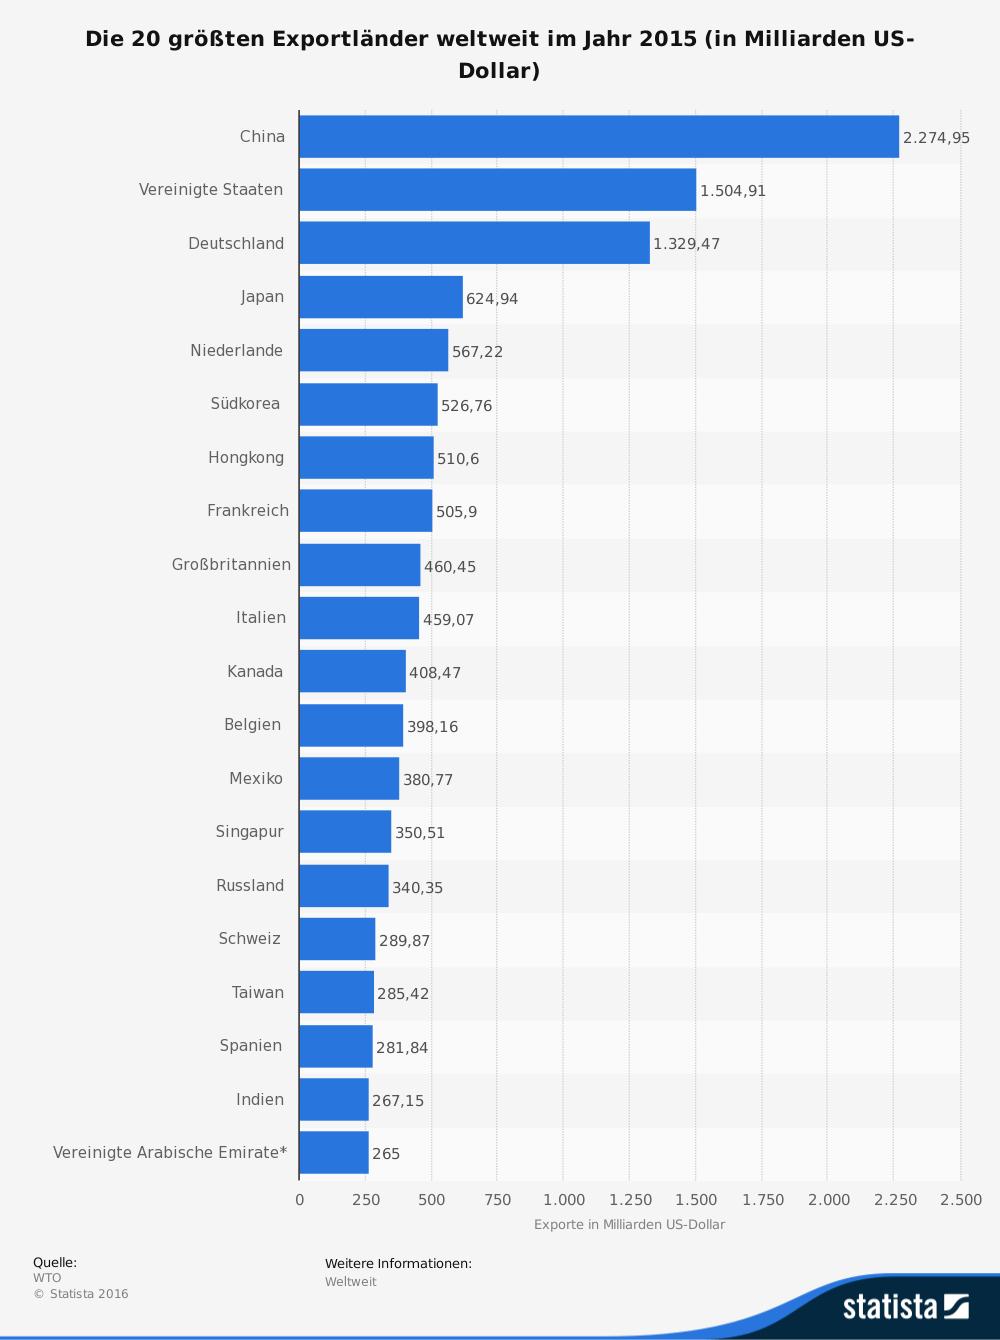 """Deutschland auf Platz 3 der Top-Exporteure. Quelle: <a href=""""https://de.statista.com/statistik/daten/studie/37013/umfrage/ranking-der-top-20-exportlaender-weltweit/"""" target=""""_blank"""">https://de.statista.com/statistik/daten/studie/37013/umfrage/ranking-der-top-20-exportlaender-weltweit/</a>"""